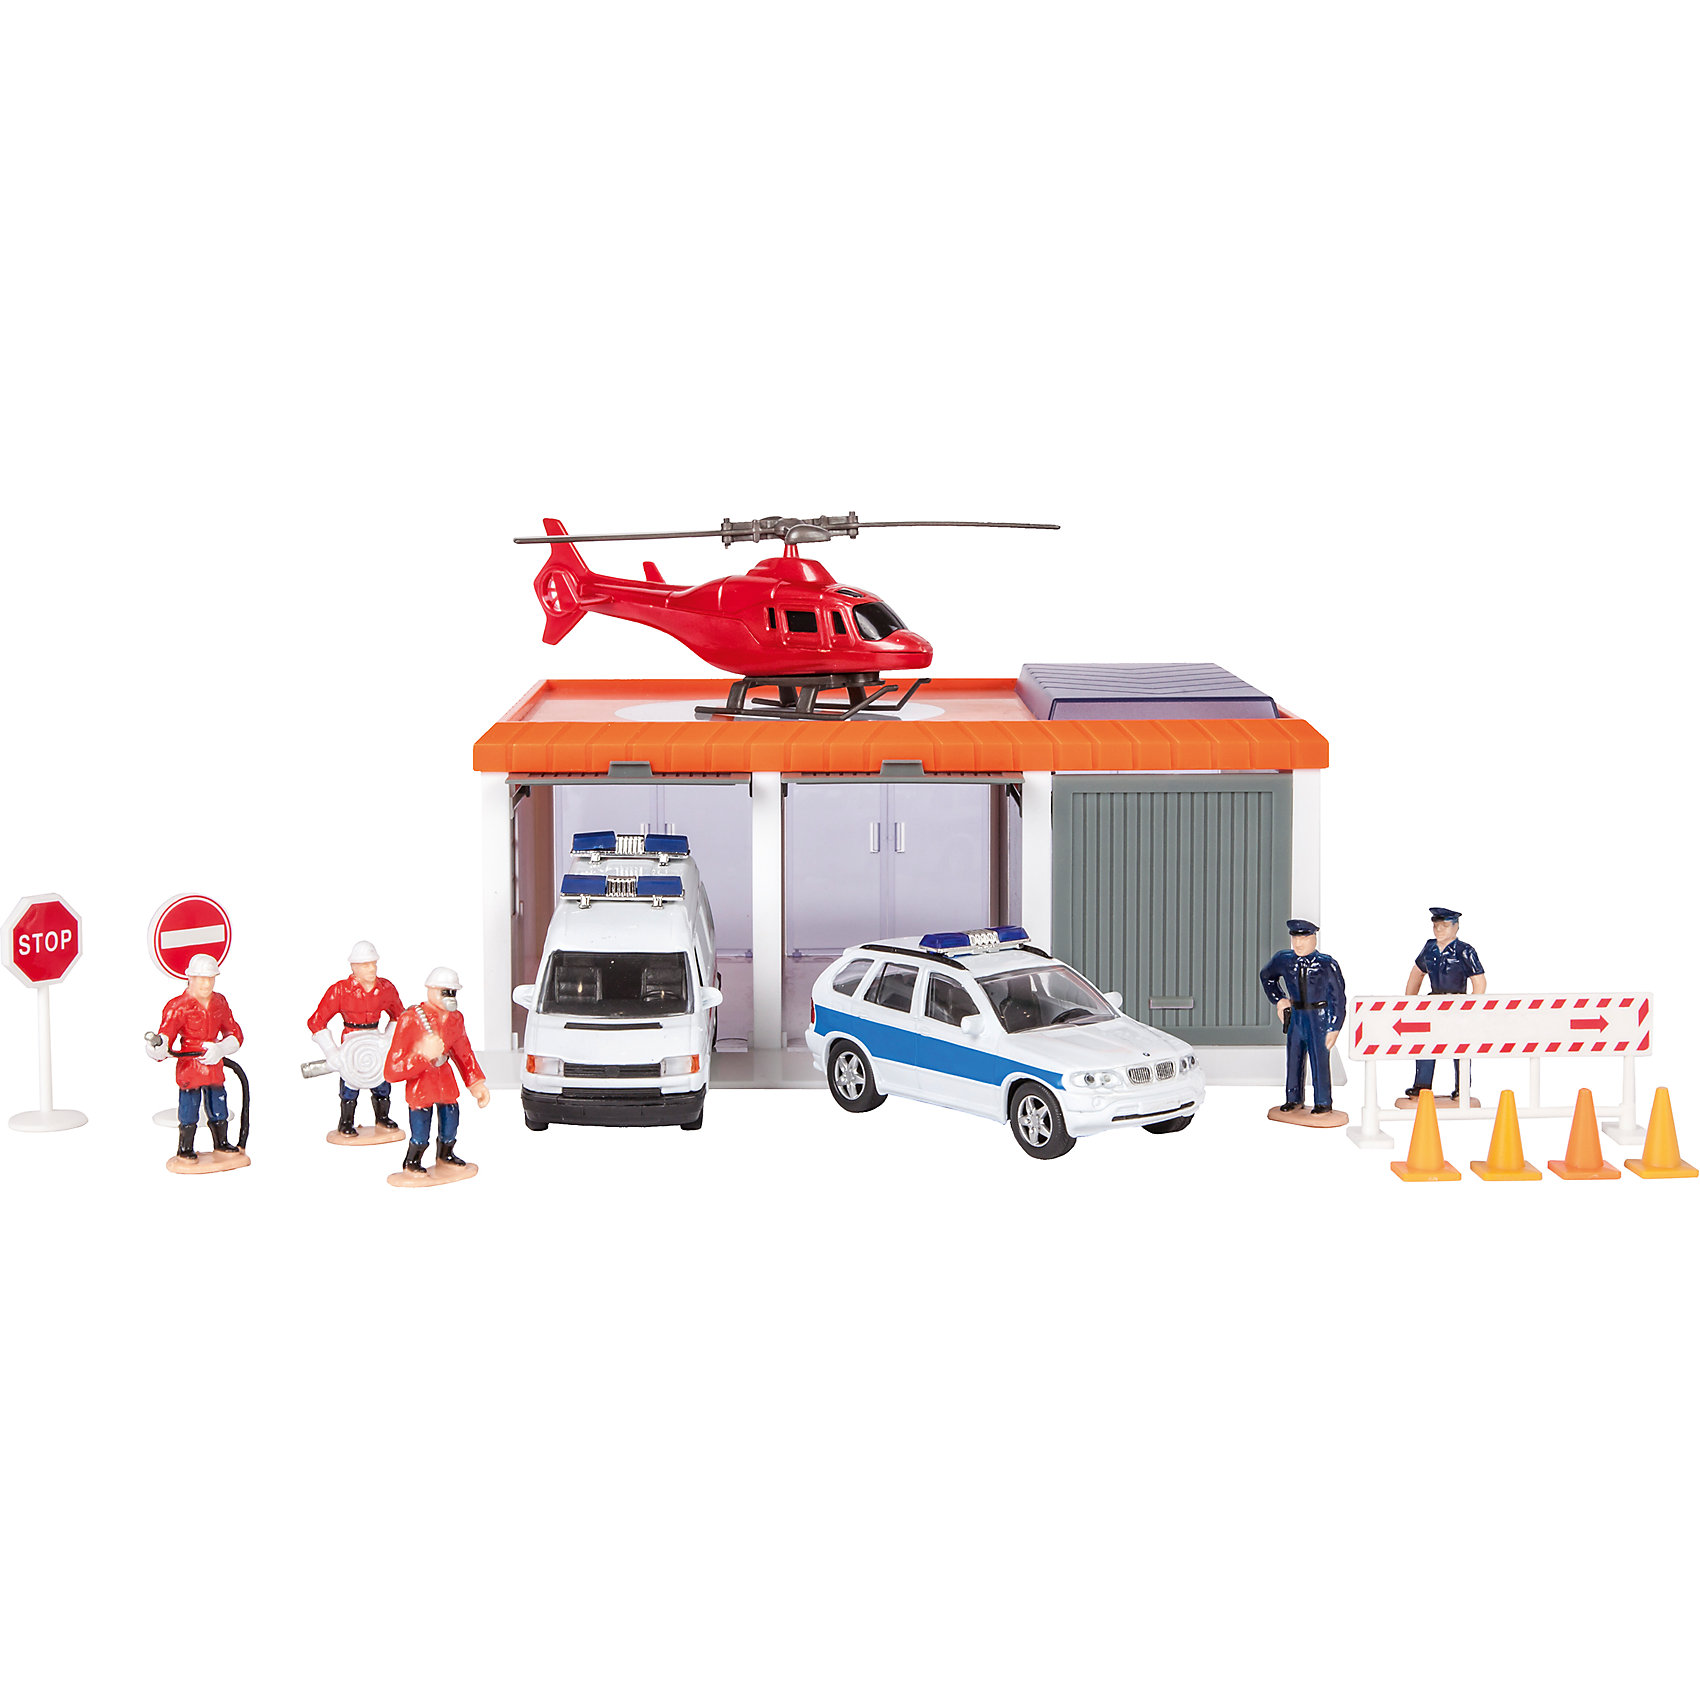 Гараж Служба спасения МЧС, Пламенный моторПарковки и гаражи<br>Гараж – желанная игрушка всех малышей. Машинок много у всех мальчиков, а гараж есть у единиц. Осуществите мечту маленького автомеханика и подарите ему гараж! В комплект входит гаражный блок, машины и аксессуары к ним. Гараж даст возможность построить полноценный город! Компания выпускает множество игрушек, которые понравятся малышам, интересующимися машинами и другими автотранспортными средствами. Материалы, использованные при изготовлении товара, абсолютно безопасны и отвечают всем международным требованиям по качеству.<br><br>Дополнительные характеристики:<br><br>материал: пластик, металл;<br>цвет: разноцветный.<br><br>Гараж Служба спасения МЧС от компании Пламенный мотор можно приобрести в нашем магазине.<br><br>Ширина мм: 485<br>Глубина мм: 513<br>Высота мм: 469<br>Вес г: 898<br>Возраст от месяцев: 36<br>Возраст до месяцев: 120<br>Пол: Мужской<br>Возраст: Детский<br>SKU: 5032587